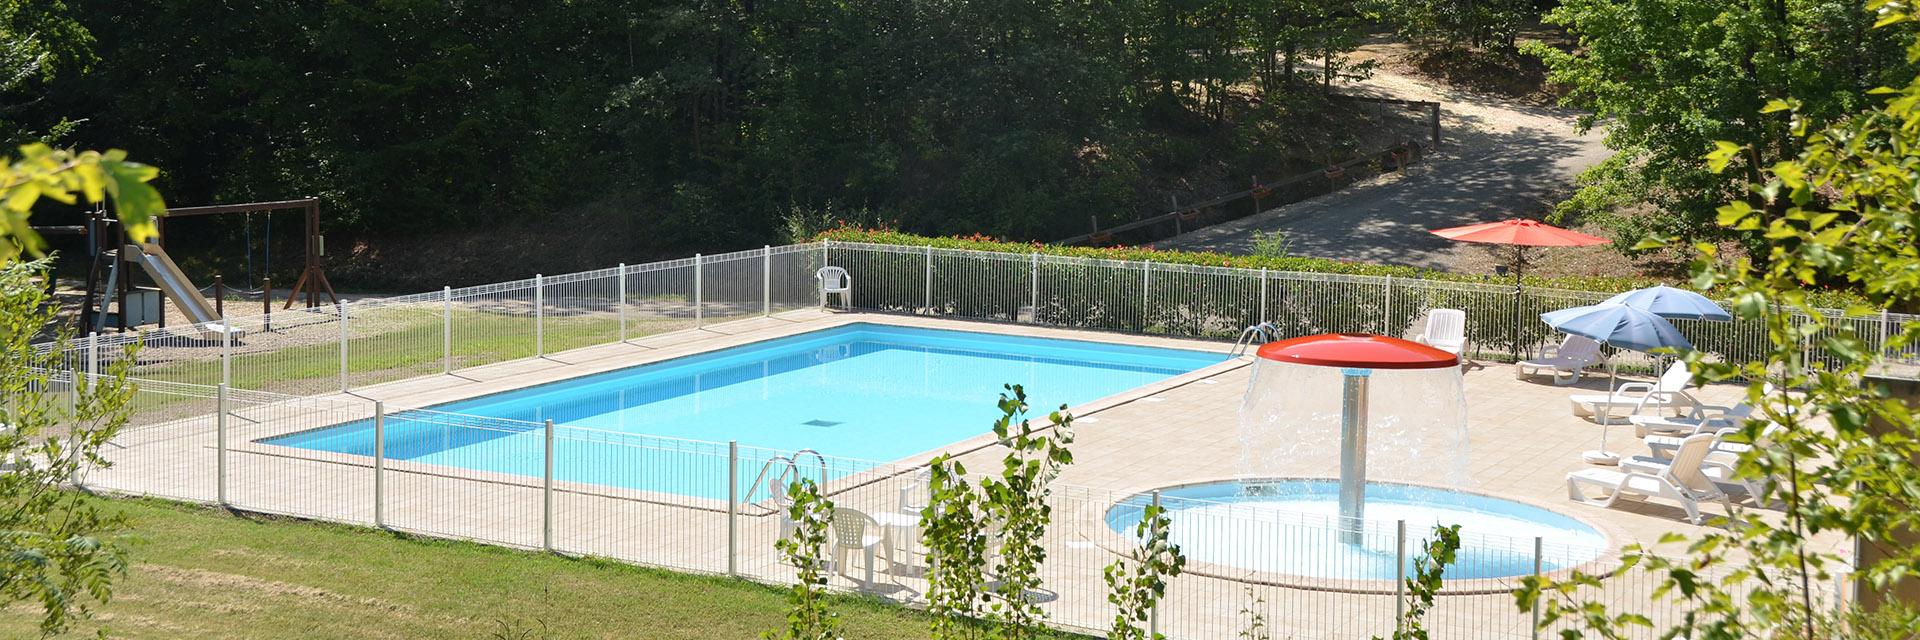 Village_club_vacances_gers-et-aquitaine-le-hameau-des-etoiles-piscine